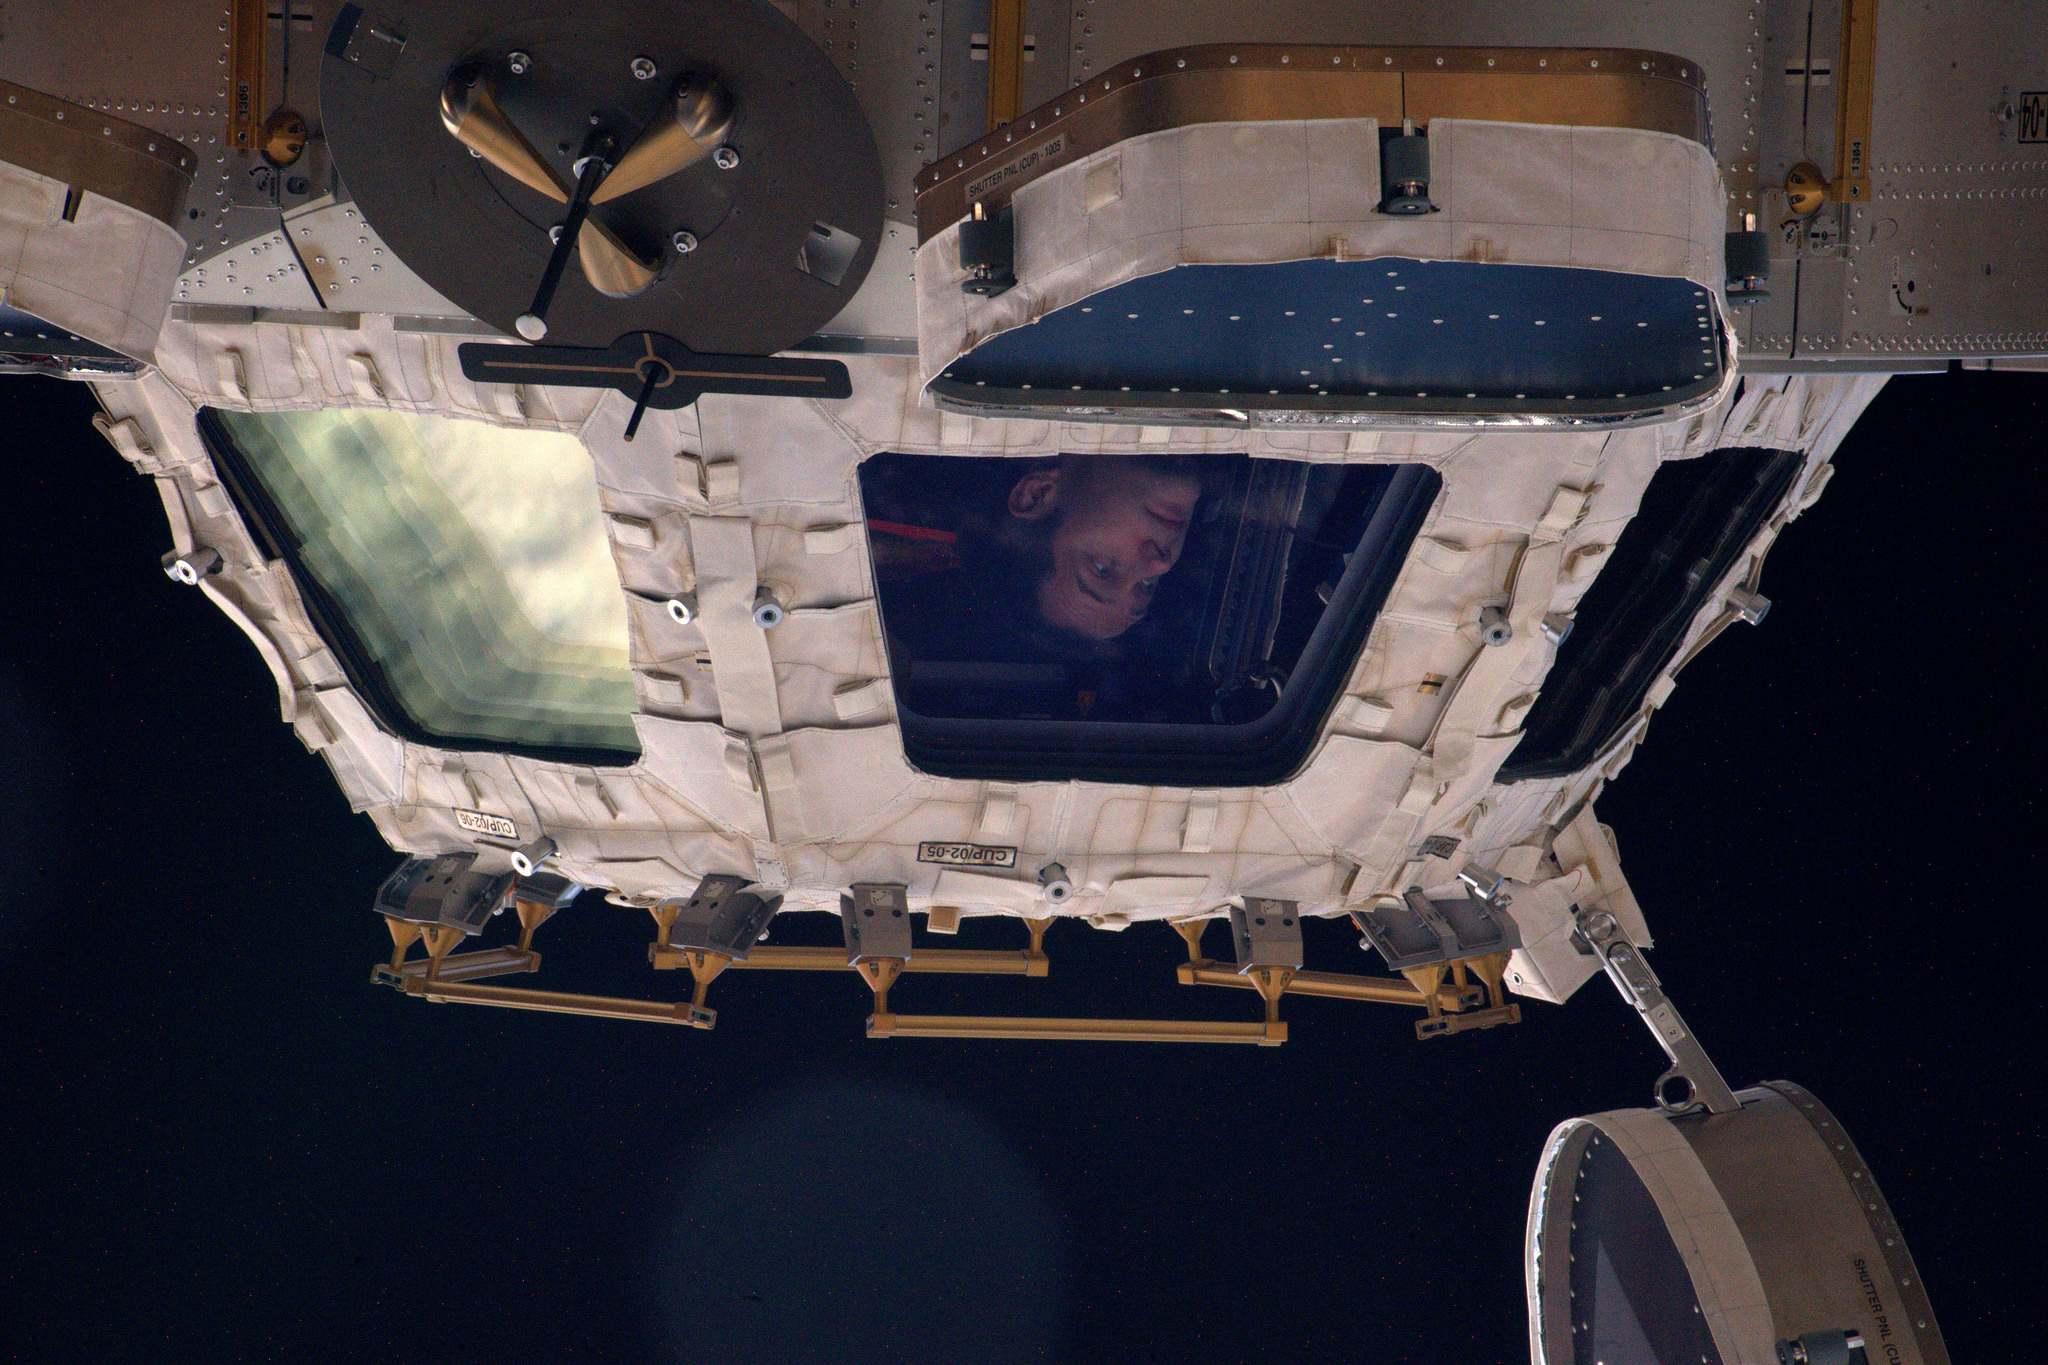 Thomas Pesquet dans le module d'observation cupola